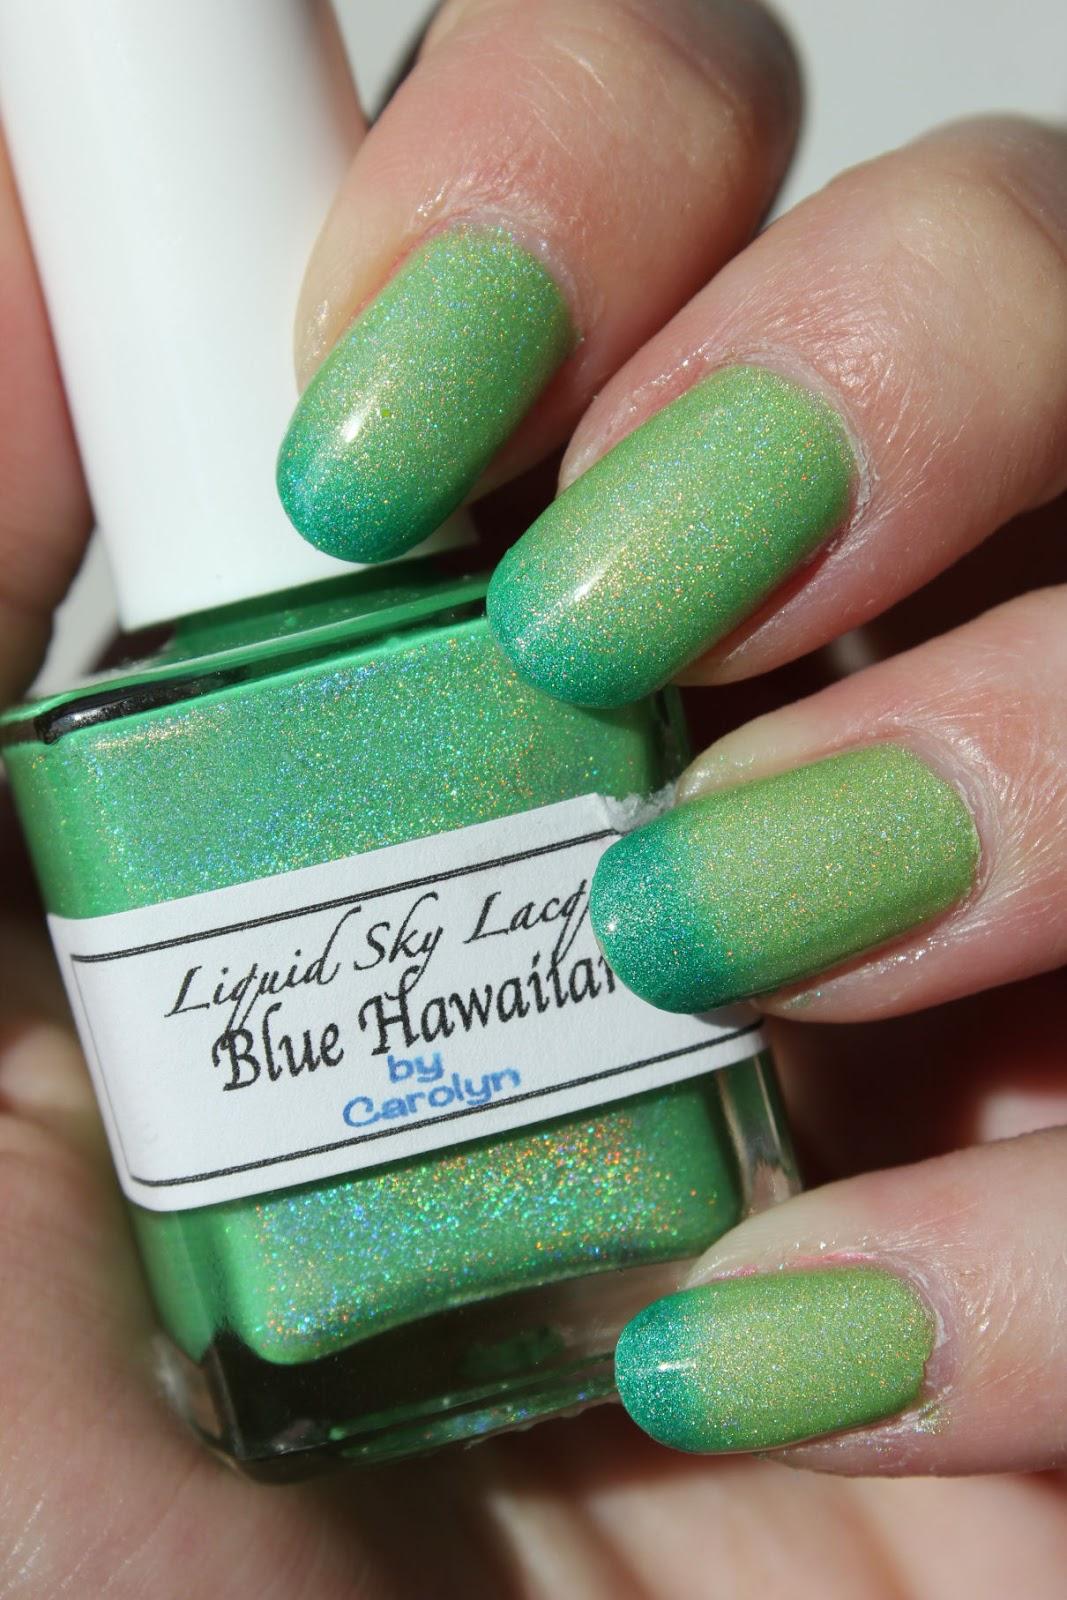 http://lacquediction.blogspot.de/2014/05/liquid-sky-lacquer-blue-hawaiian.html